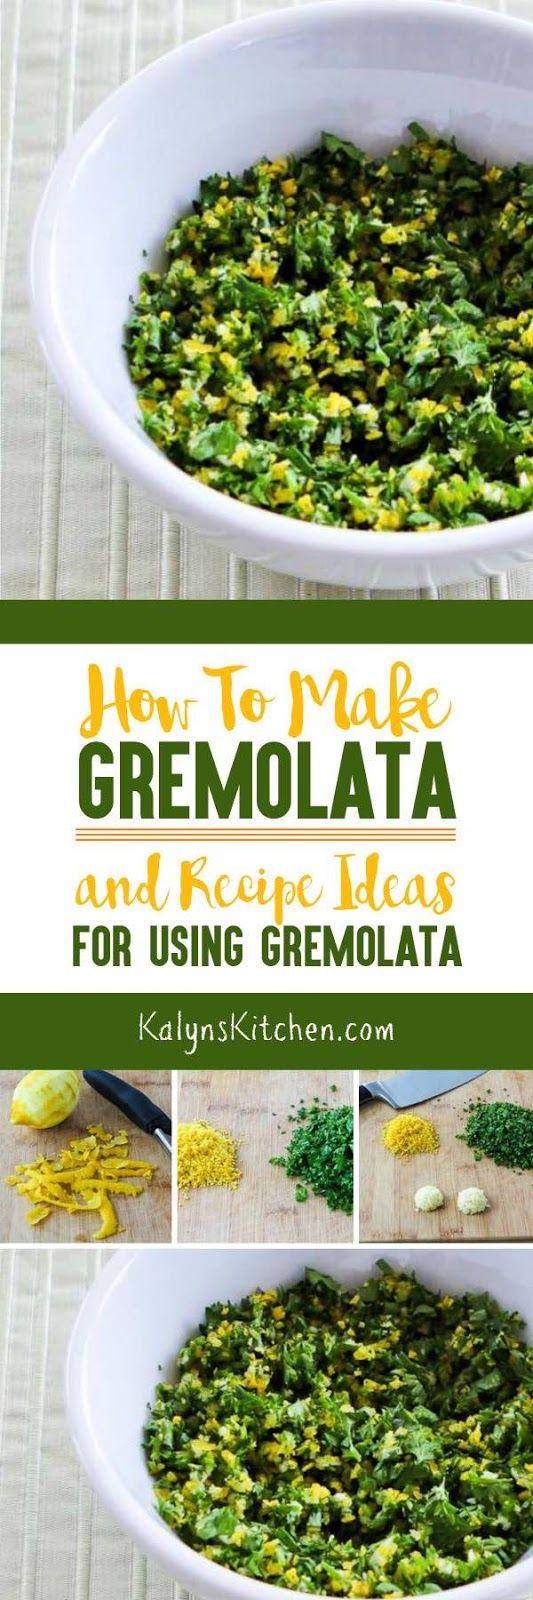 How to Make Gremolata and Recipe Ideas for Using Gremolata